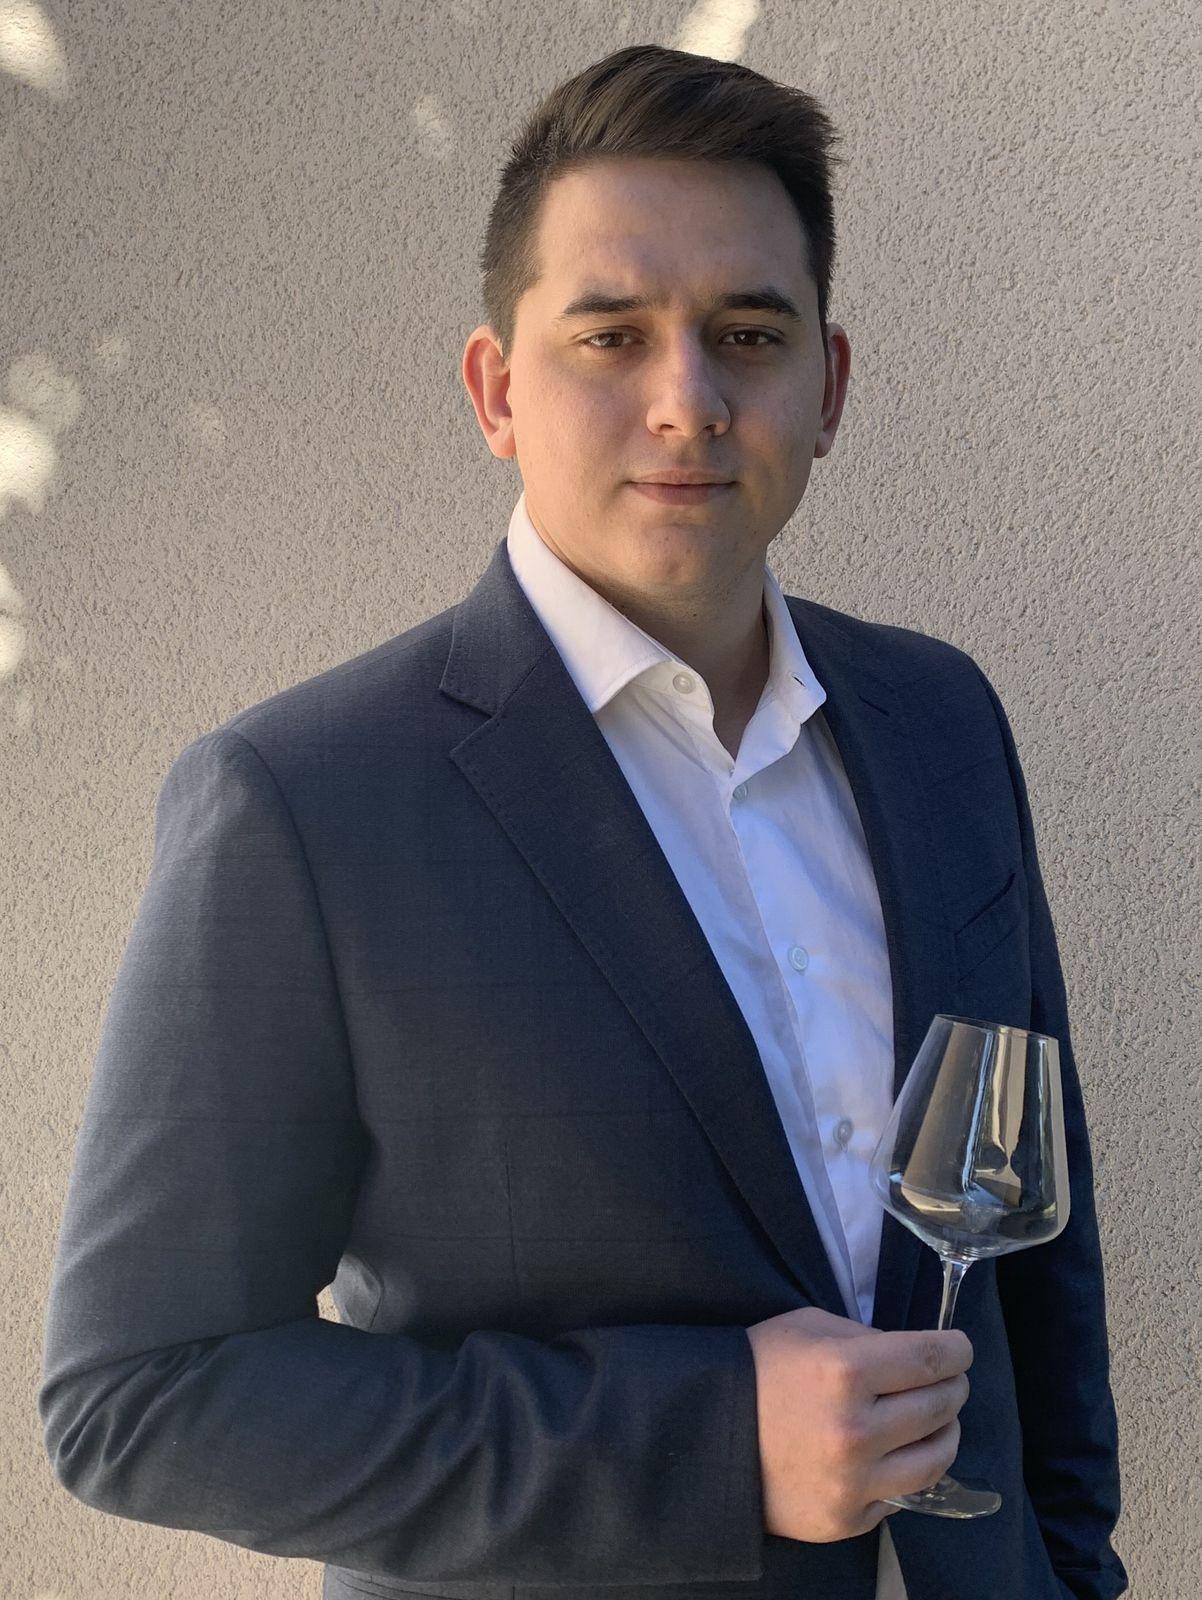 Meilleur jeune sommelier de France : voici Clément Sommier, il sera l'un des onze demi-finalistes